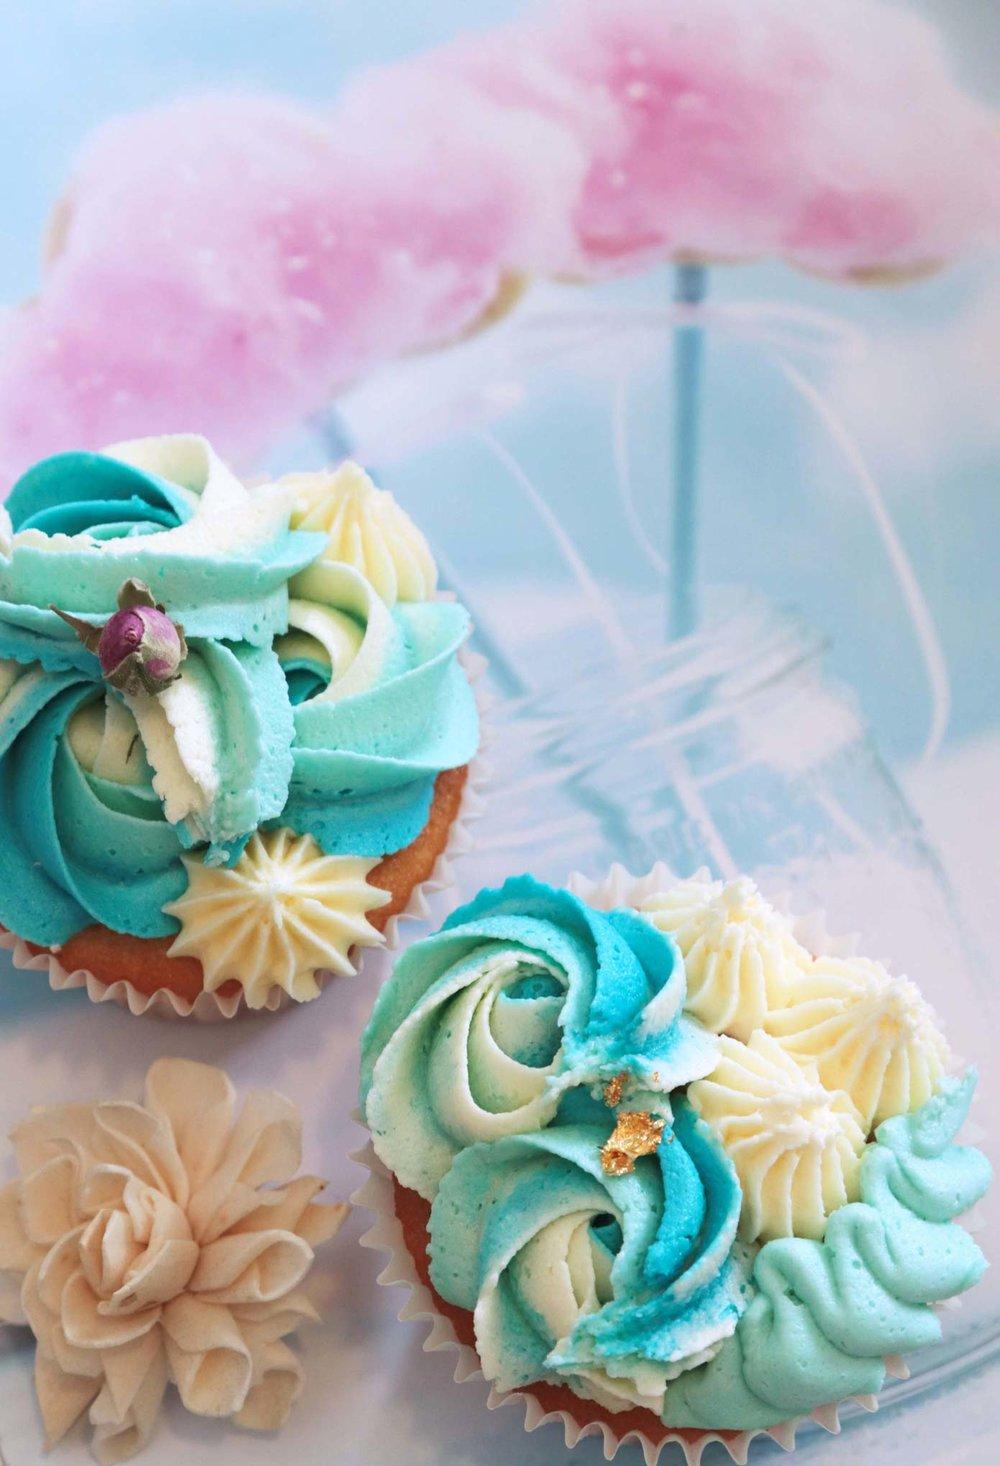 The_Little_Cake_Maker_Perth_Baker_CustomCakes_DayCakes_Slices_Tarts_Cupcakes_2.jpg